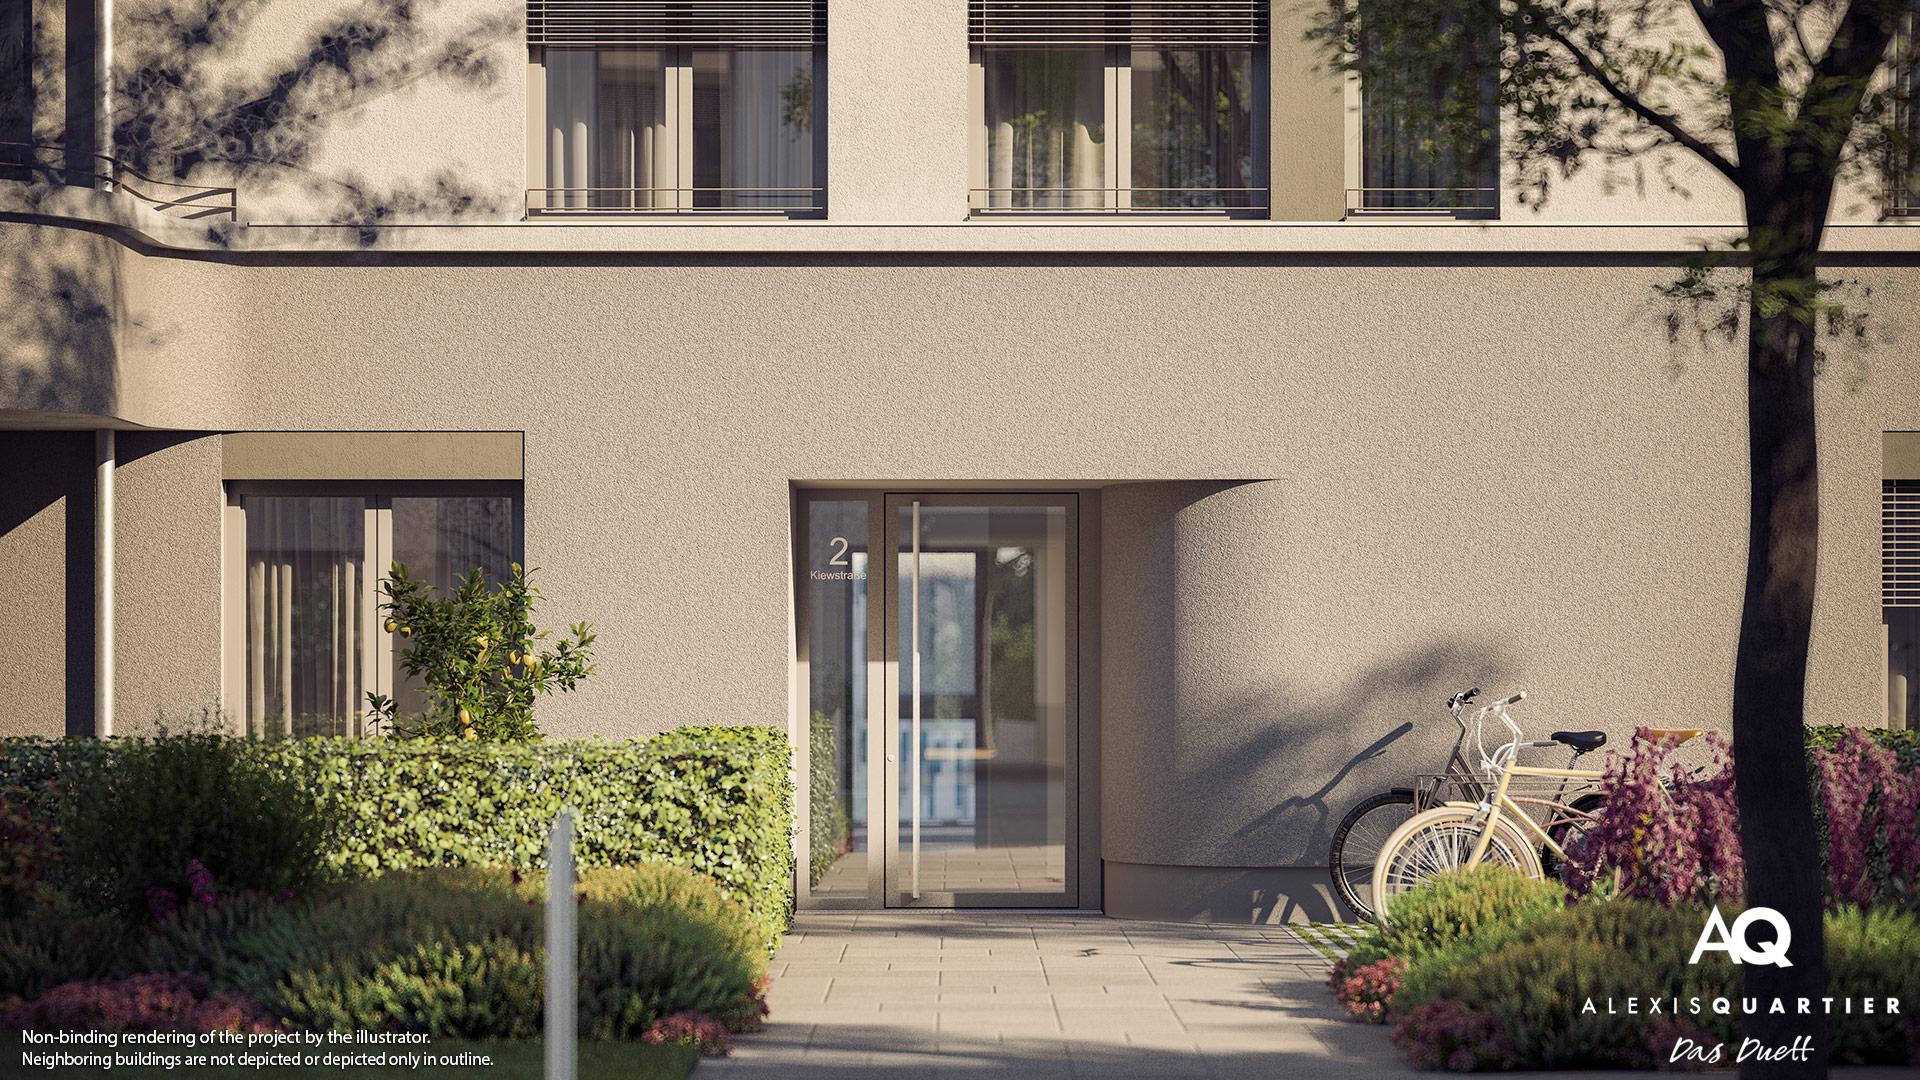 Condominiums Alexisquartier - Das Duett - Illustration 9